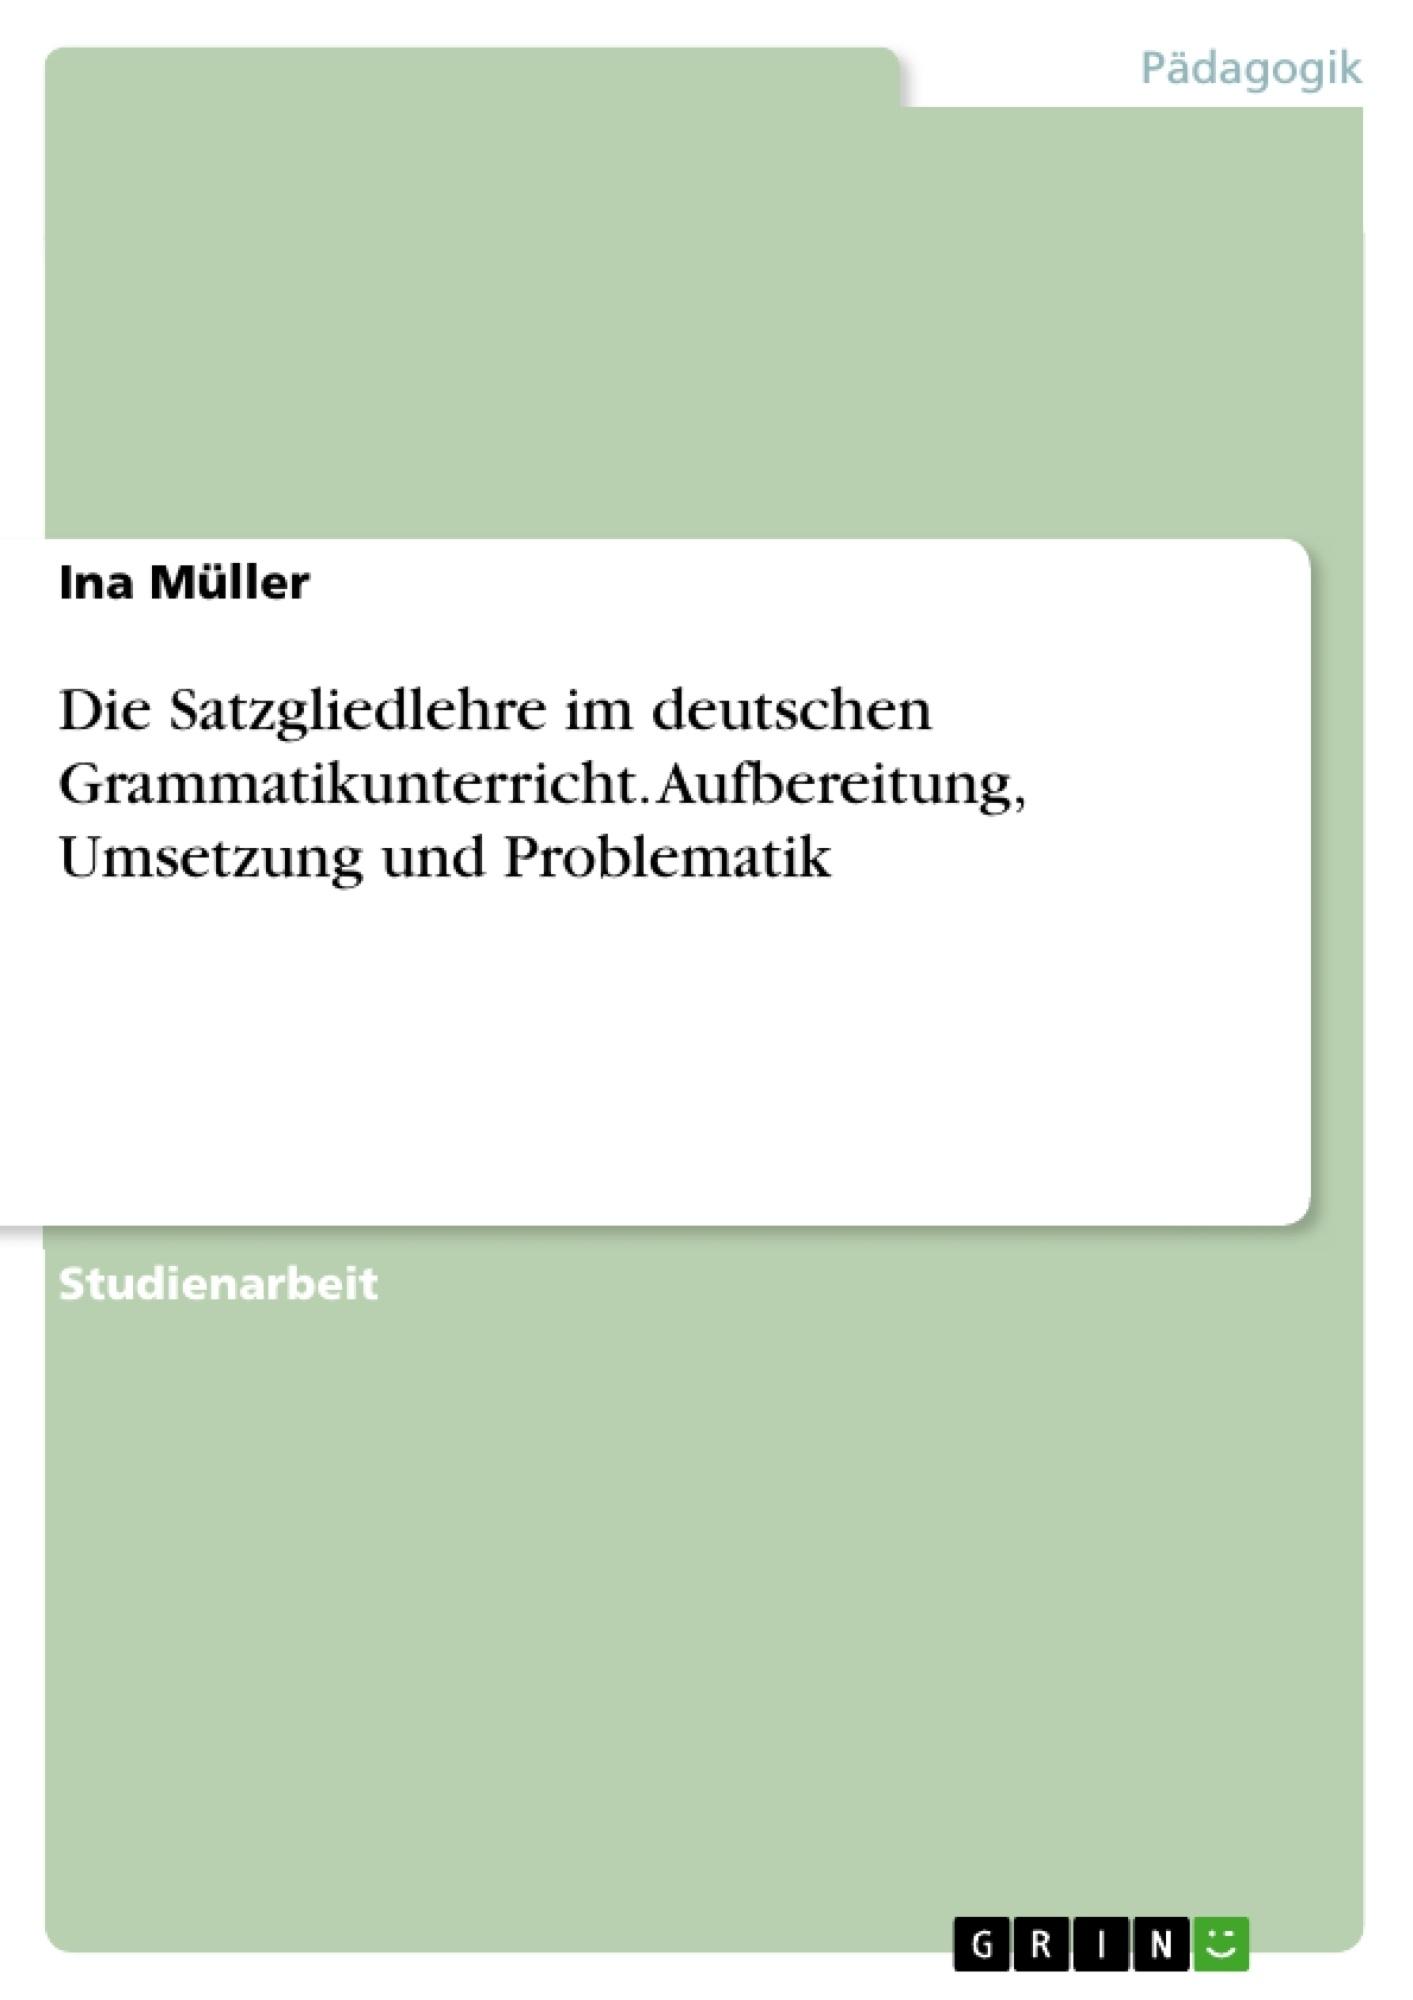 Titel: Die Satzgliedlehre im deutschen Grammatikunterricht. Aufbereitung, Umsetzung und Problematik